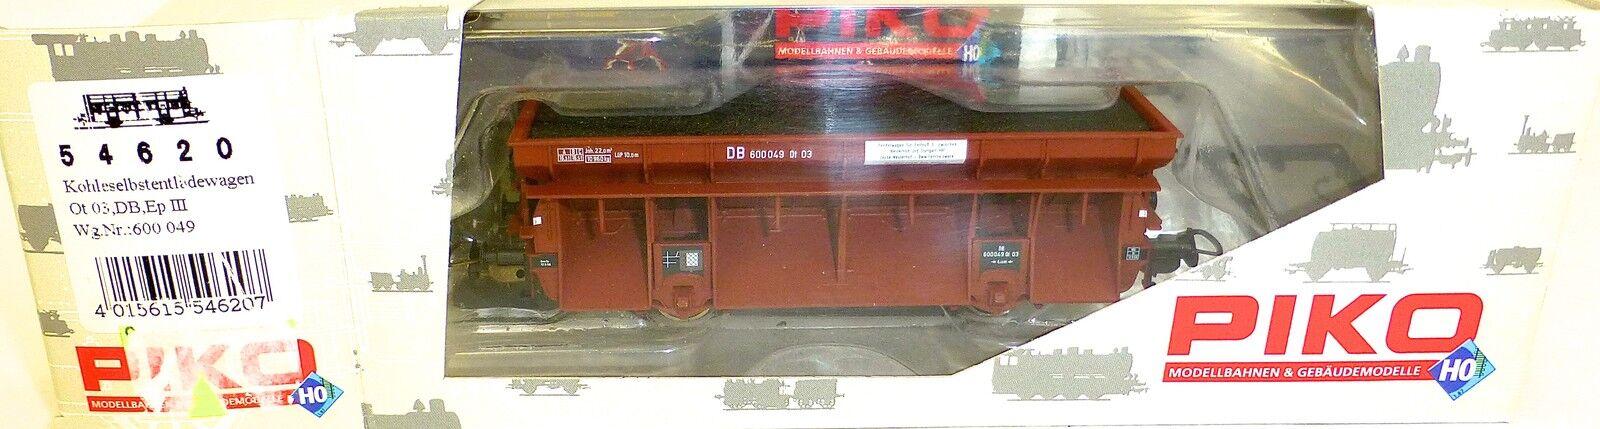 Anche carbone carrello scarico OT 03 DB EpIII PIKO 54620 h0 1:87 OVP hu2 µ *